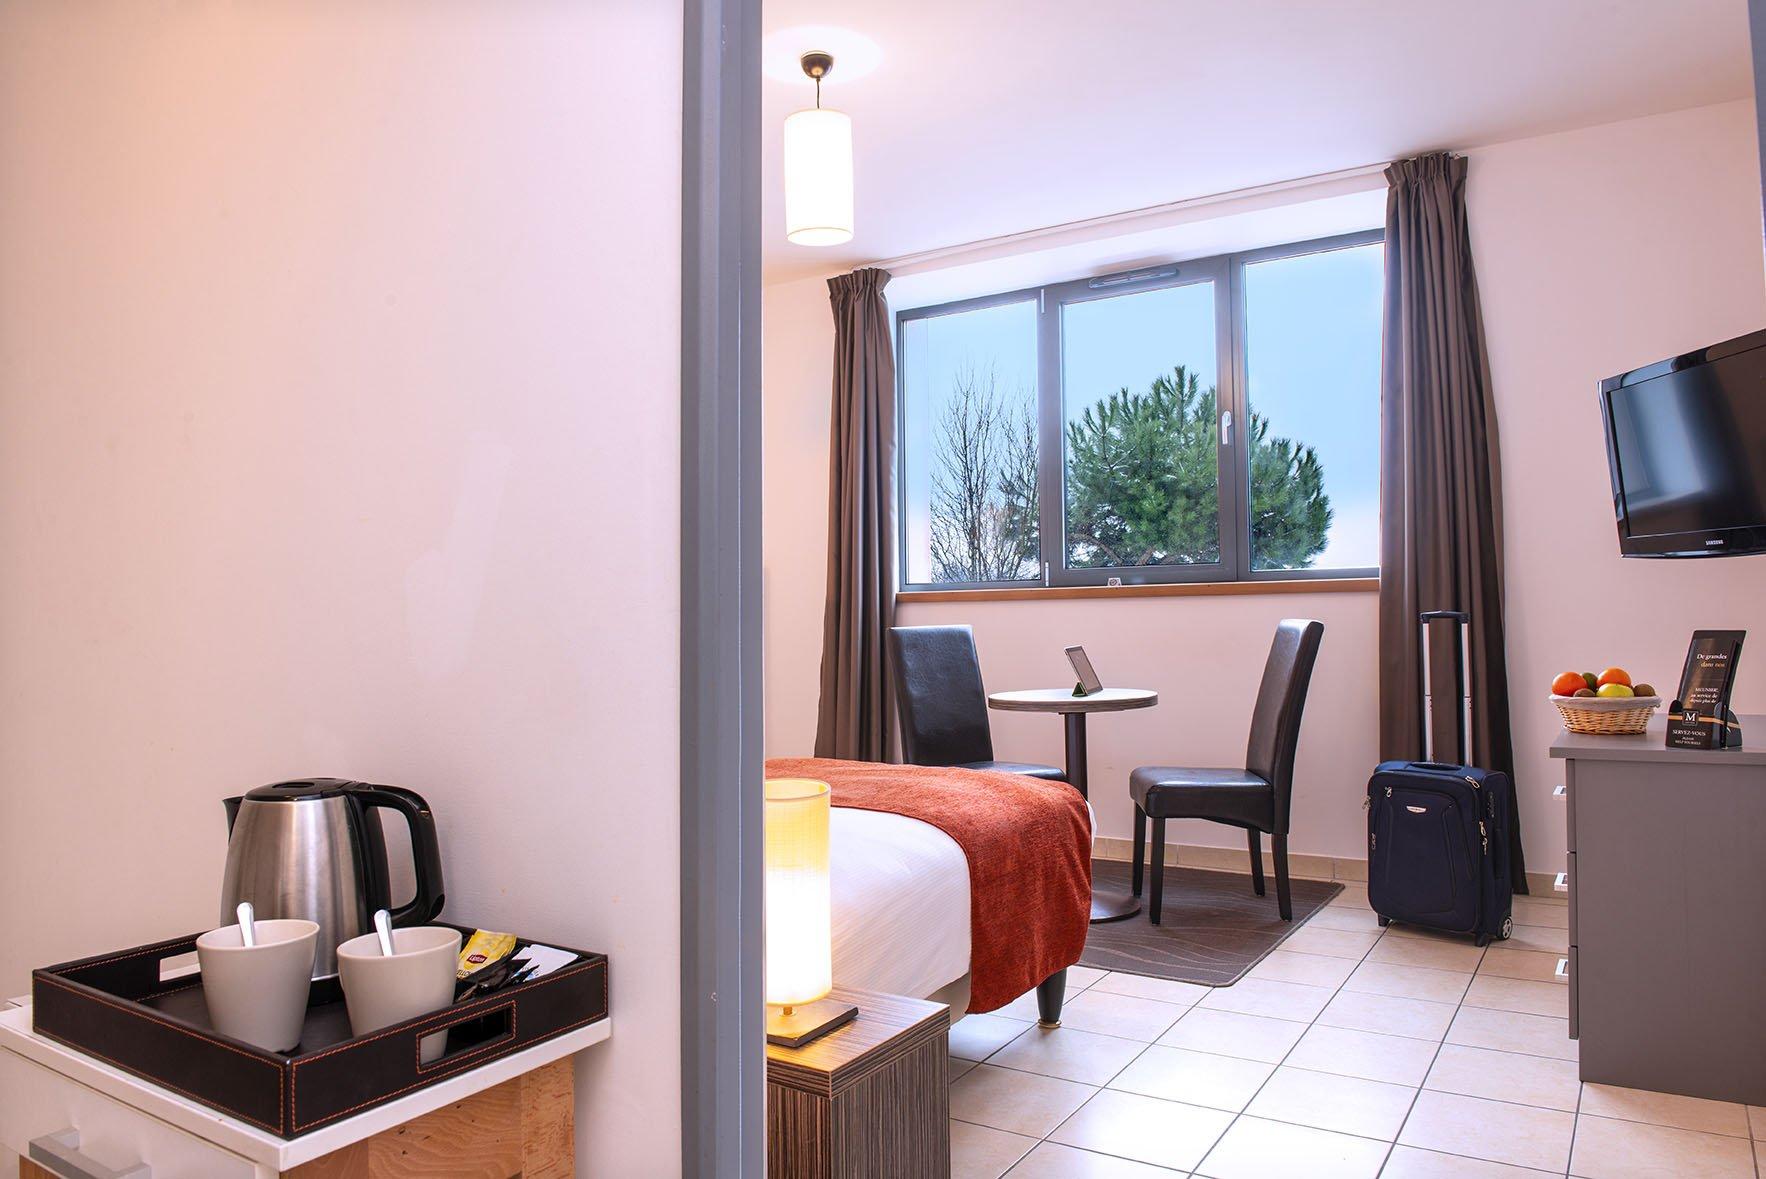 Chambre double avec grande fenêtre donnant sur des arbres au Green des Impressionnistes